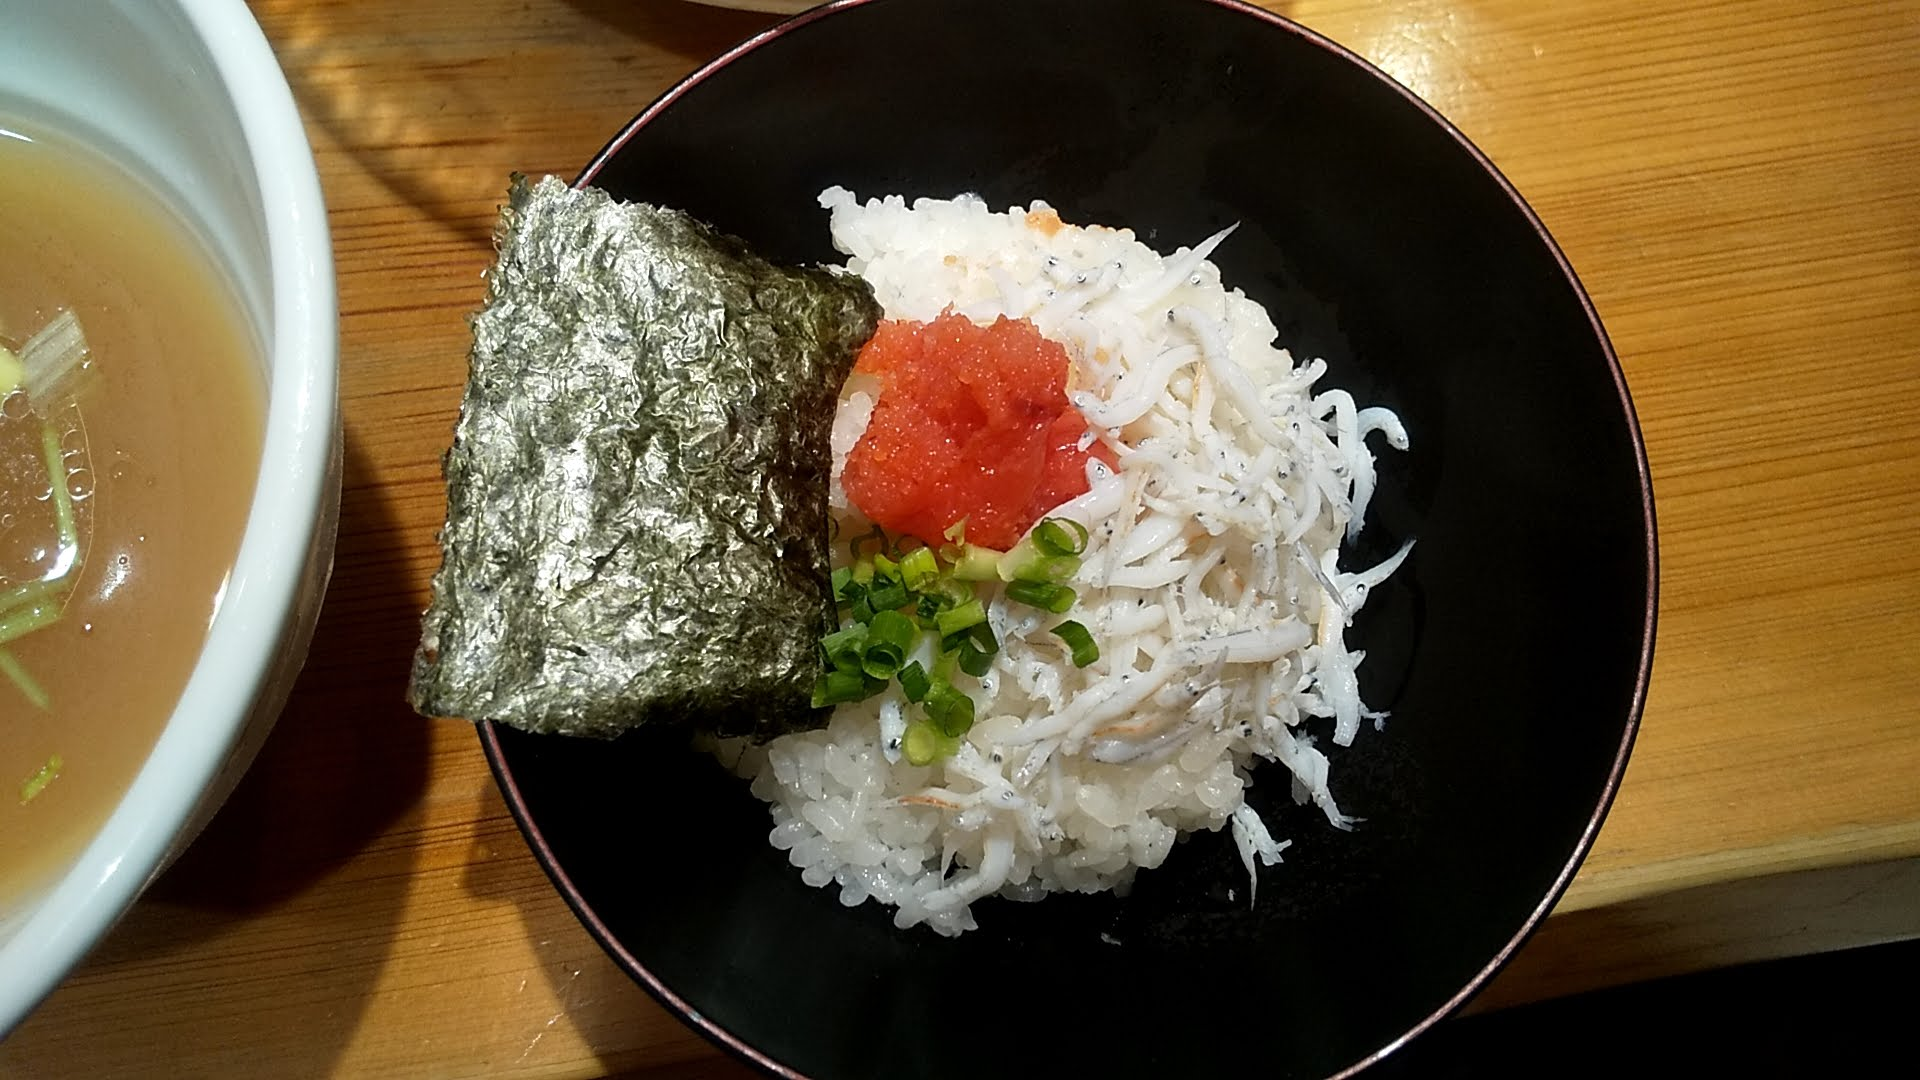 たかはし上野店のしじみ貝の冷たい昆布水つけ麺のセットのしらすご飯